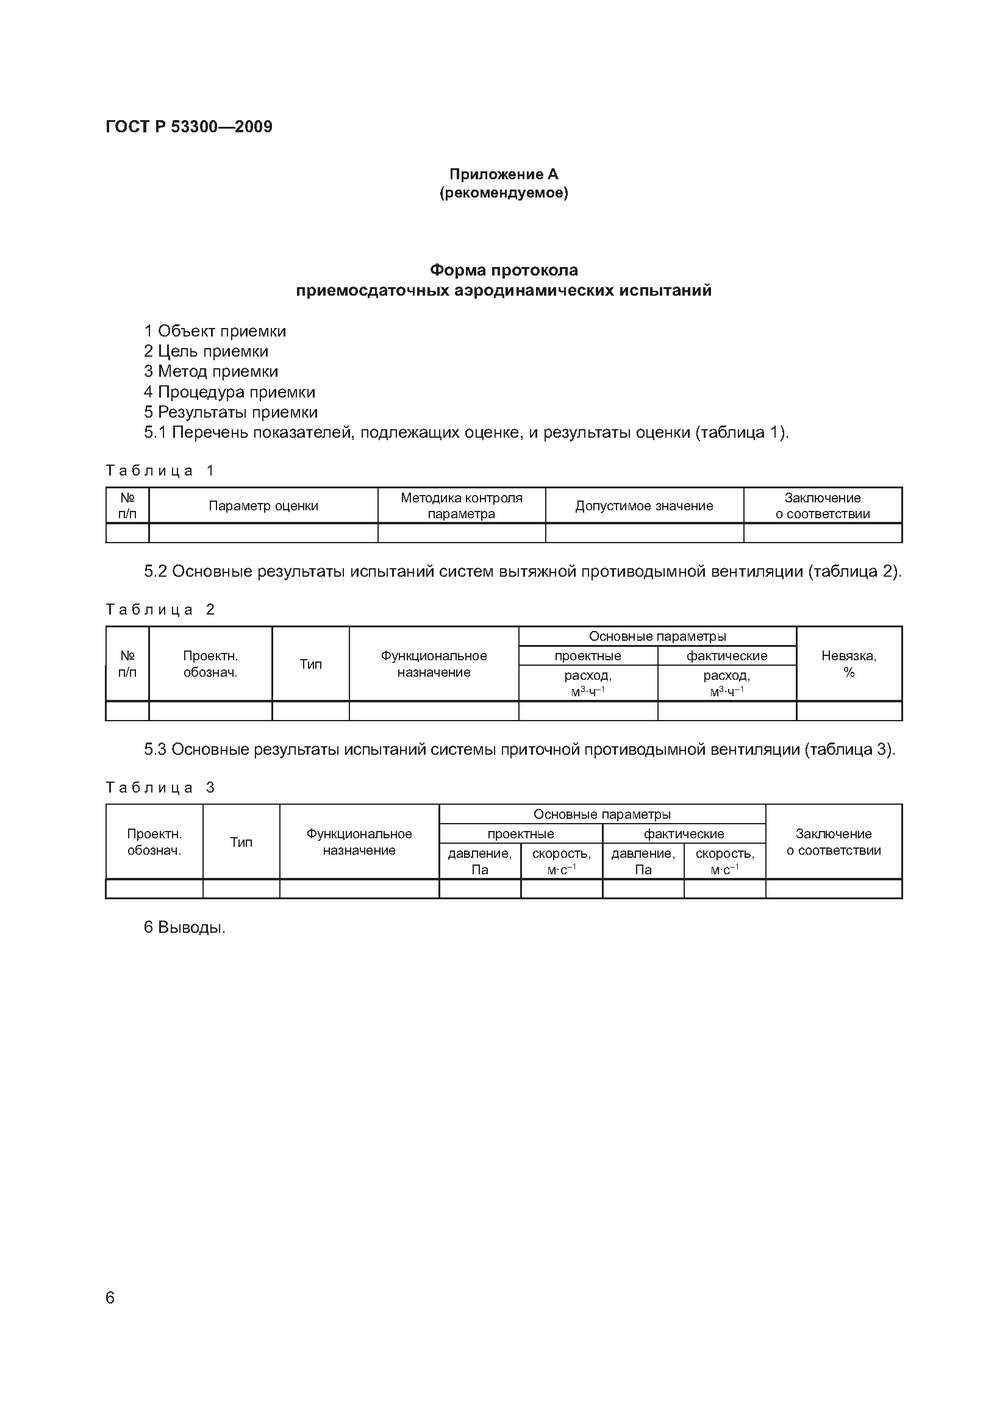 бланк протокола приемо-сдаточных испытаний